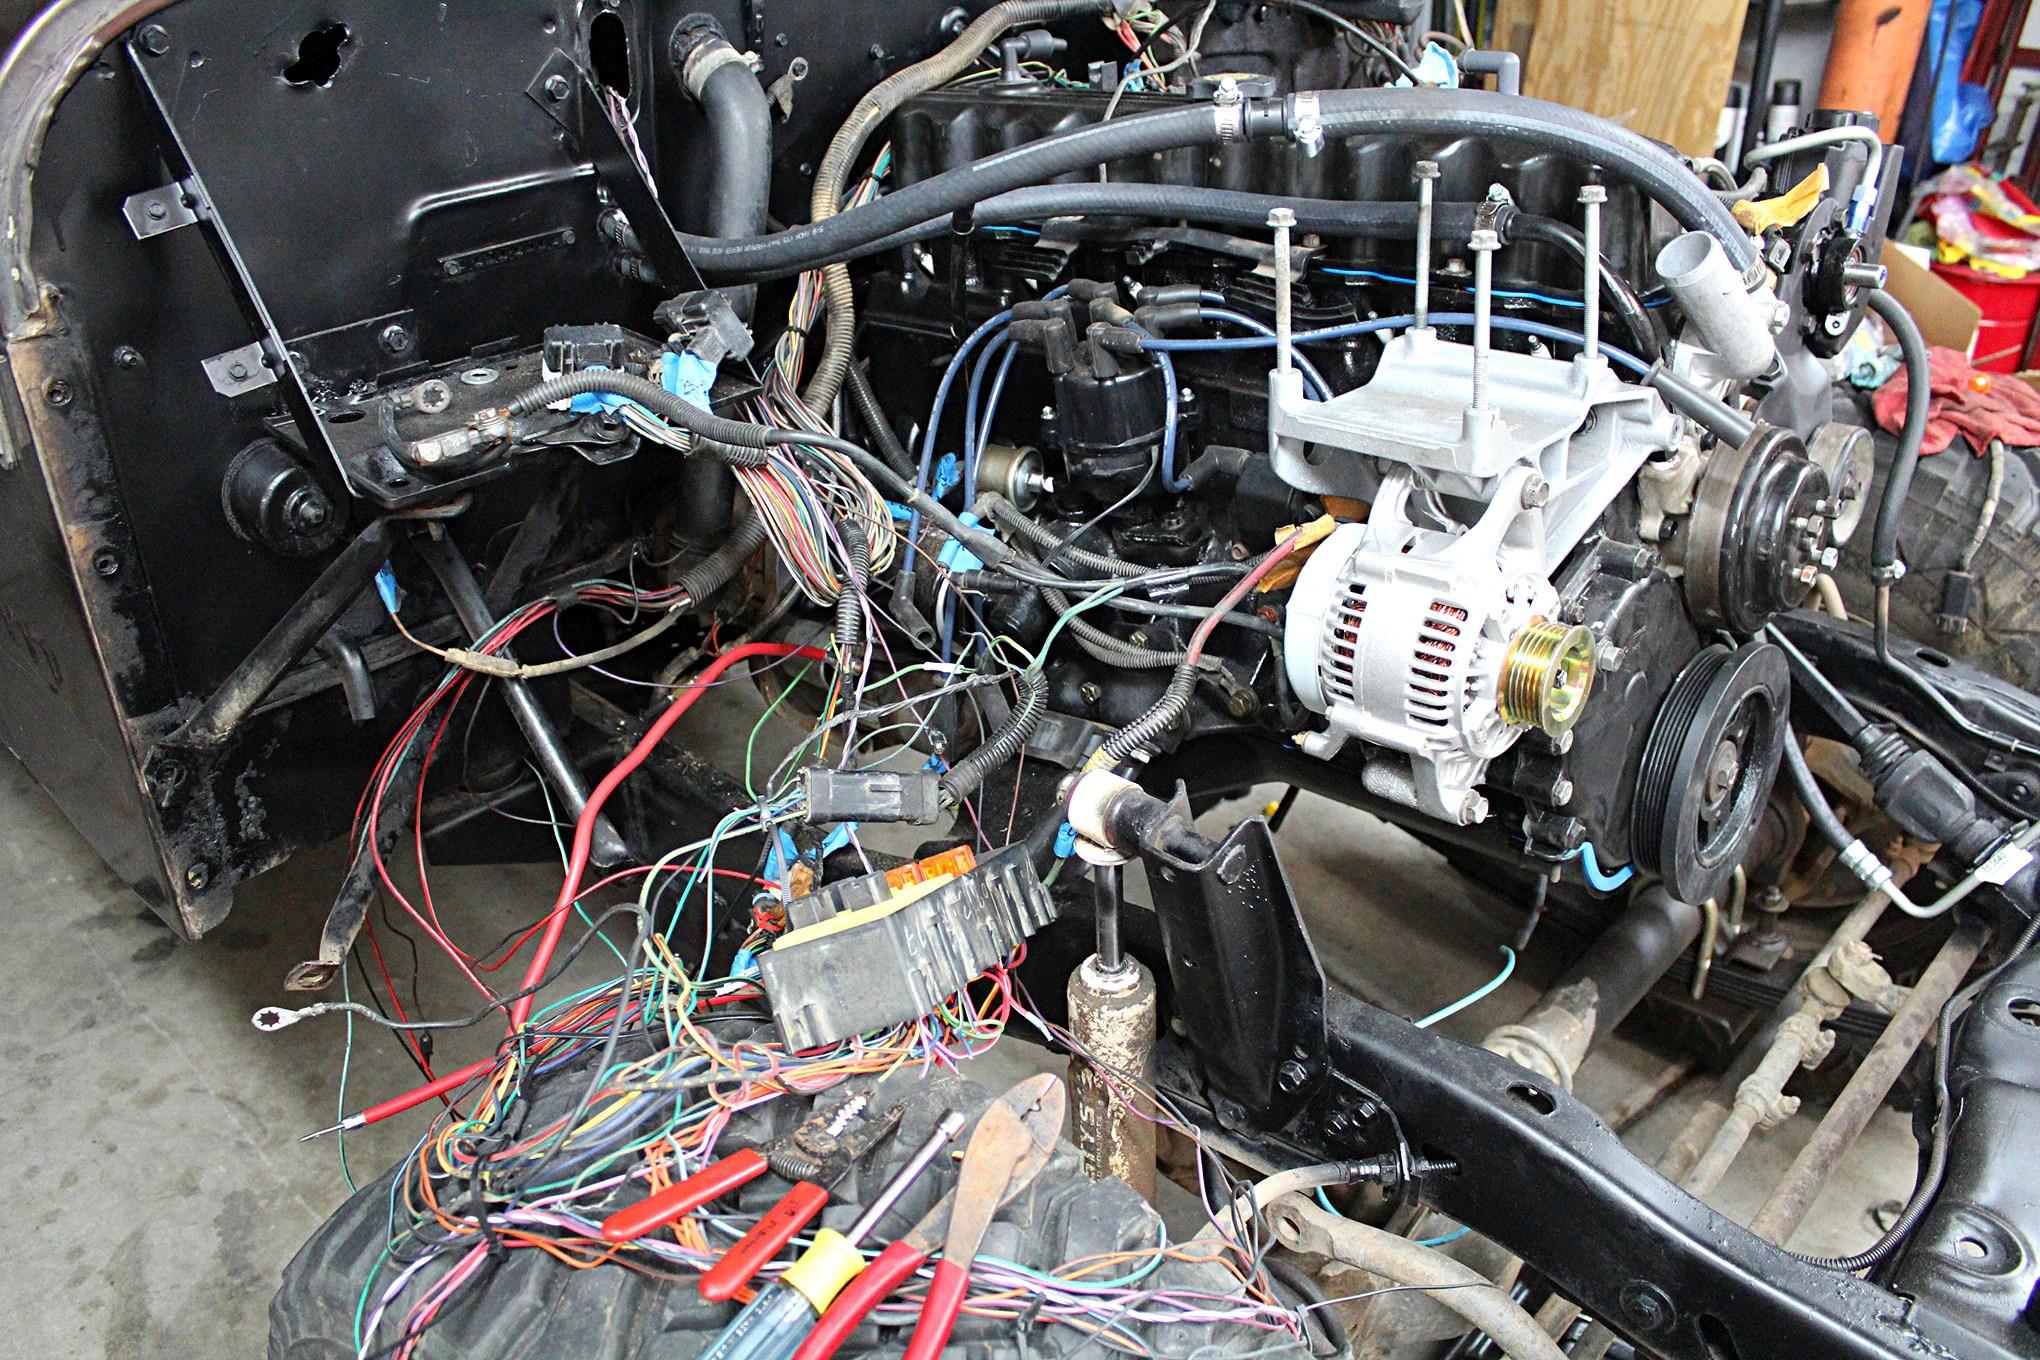 jeep cj v8 swap wiring blog diagram schema jeep cj v8 swap wiring [ 2040 x 1360 Pixel ]